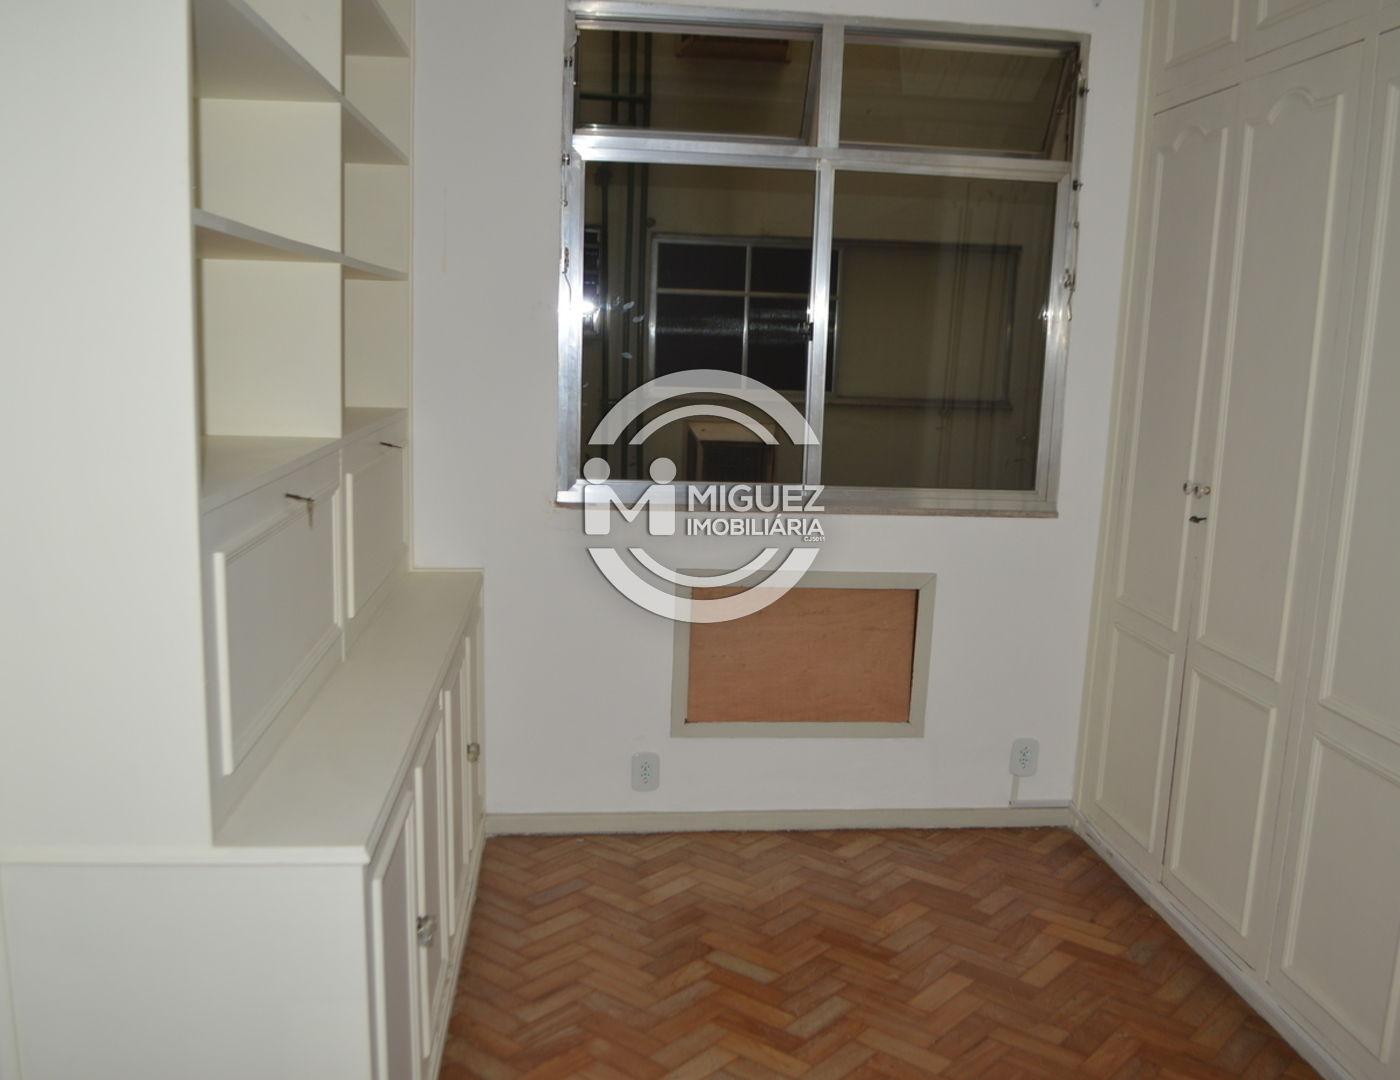 Apartamento, aluguel, Rua Santo Afonso - Tijuca , Rio de janeiro